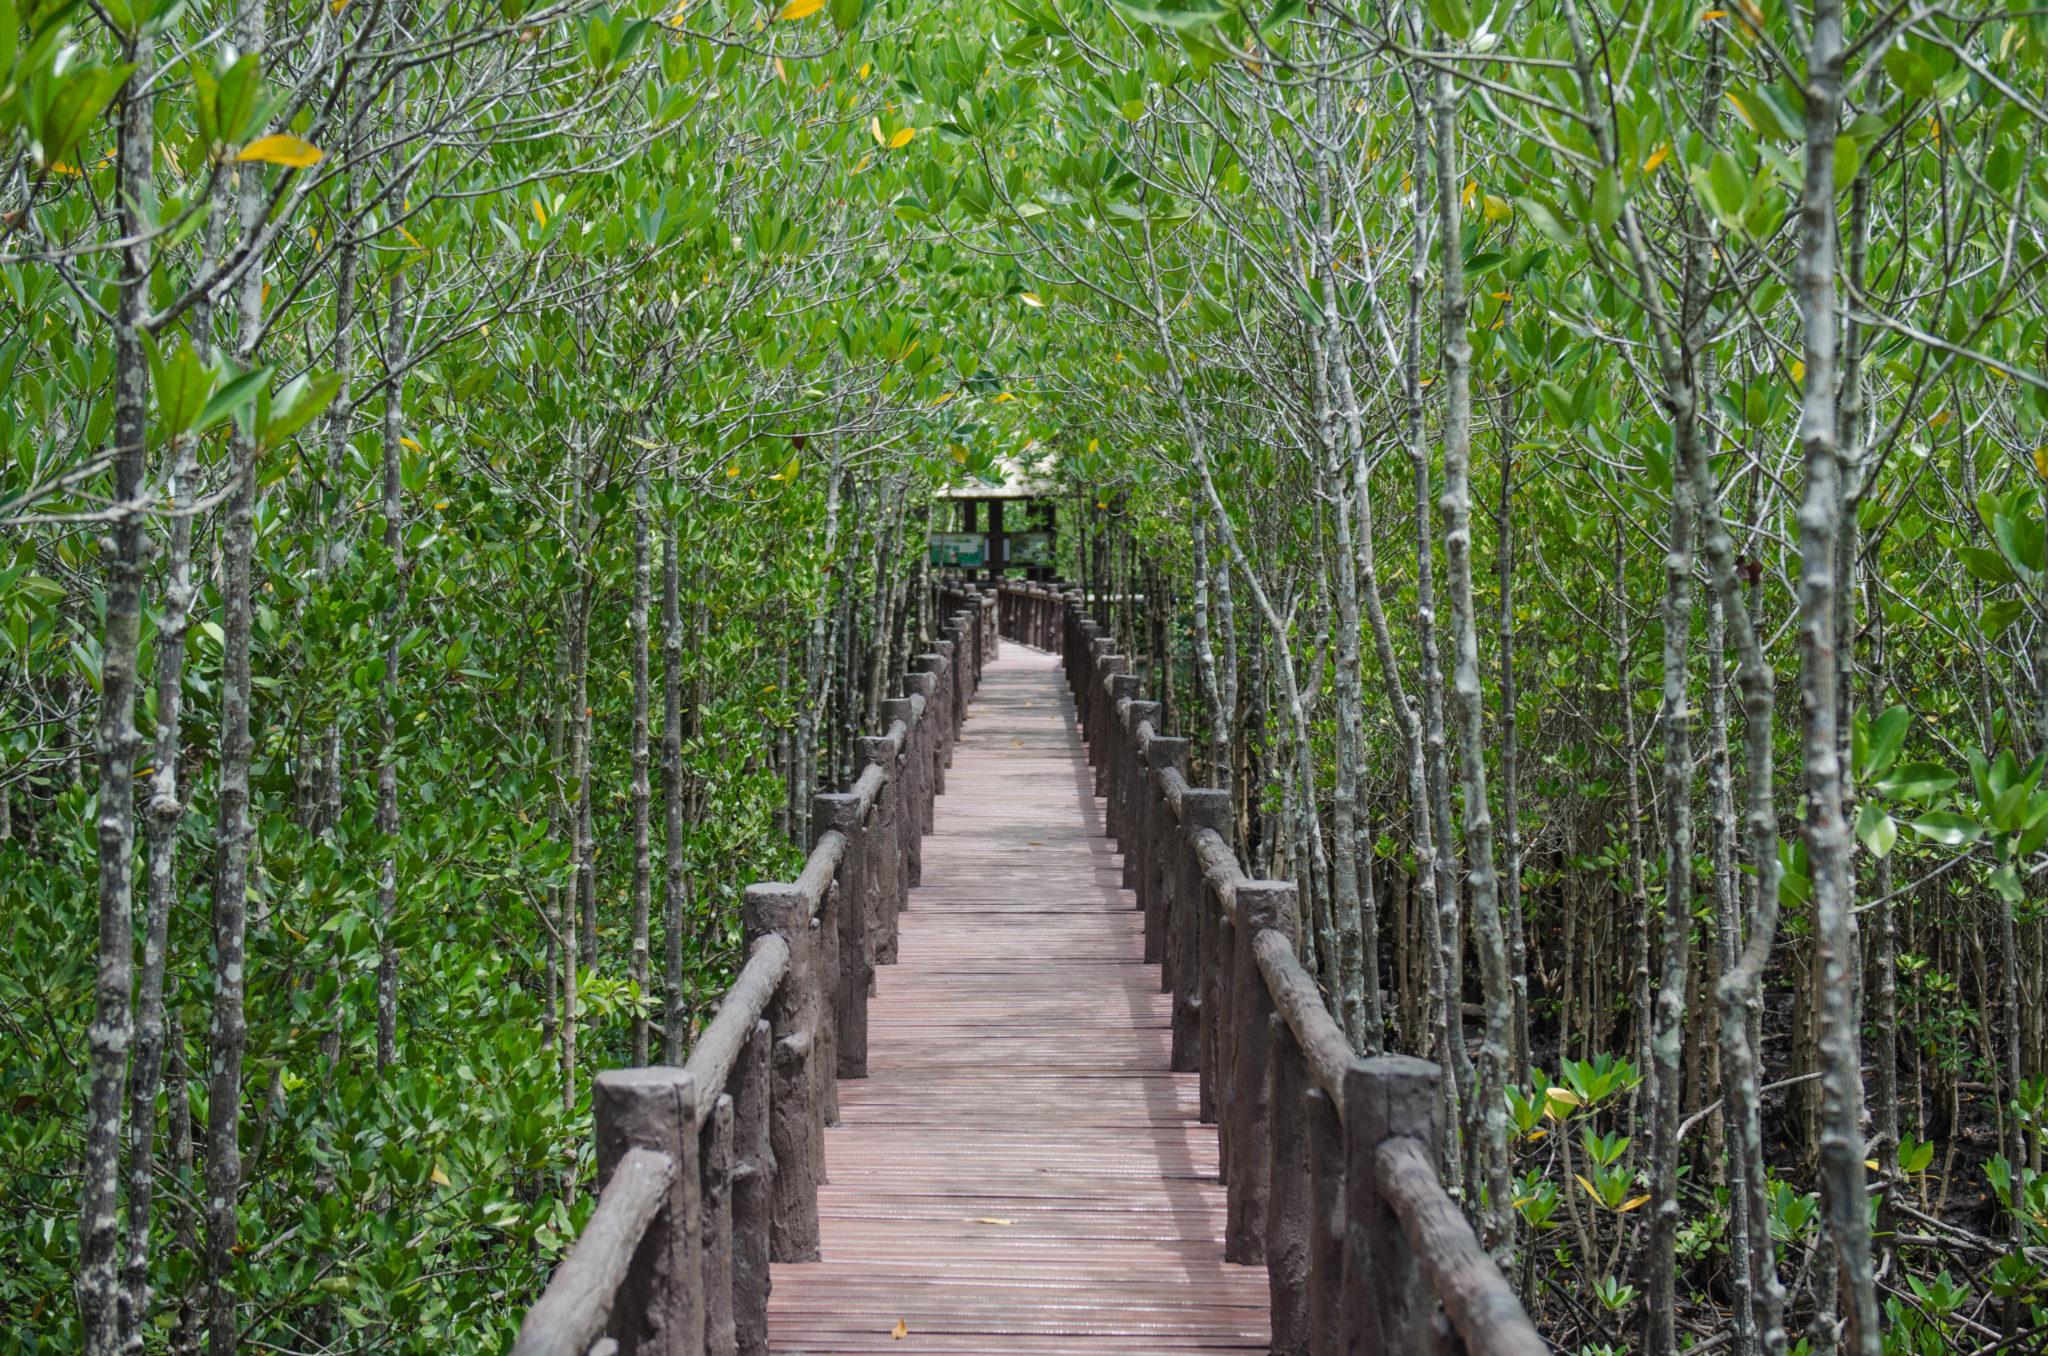 Der Mu Koh Chumphon National Park in der thailändischen Region Chumphon